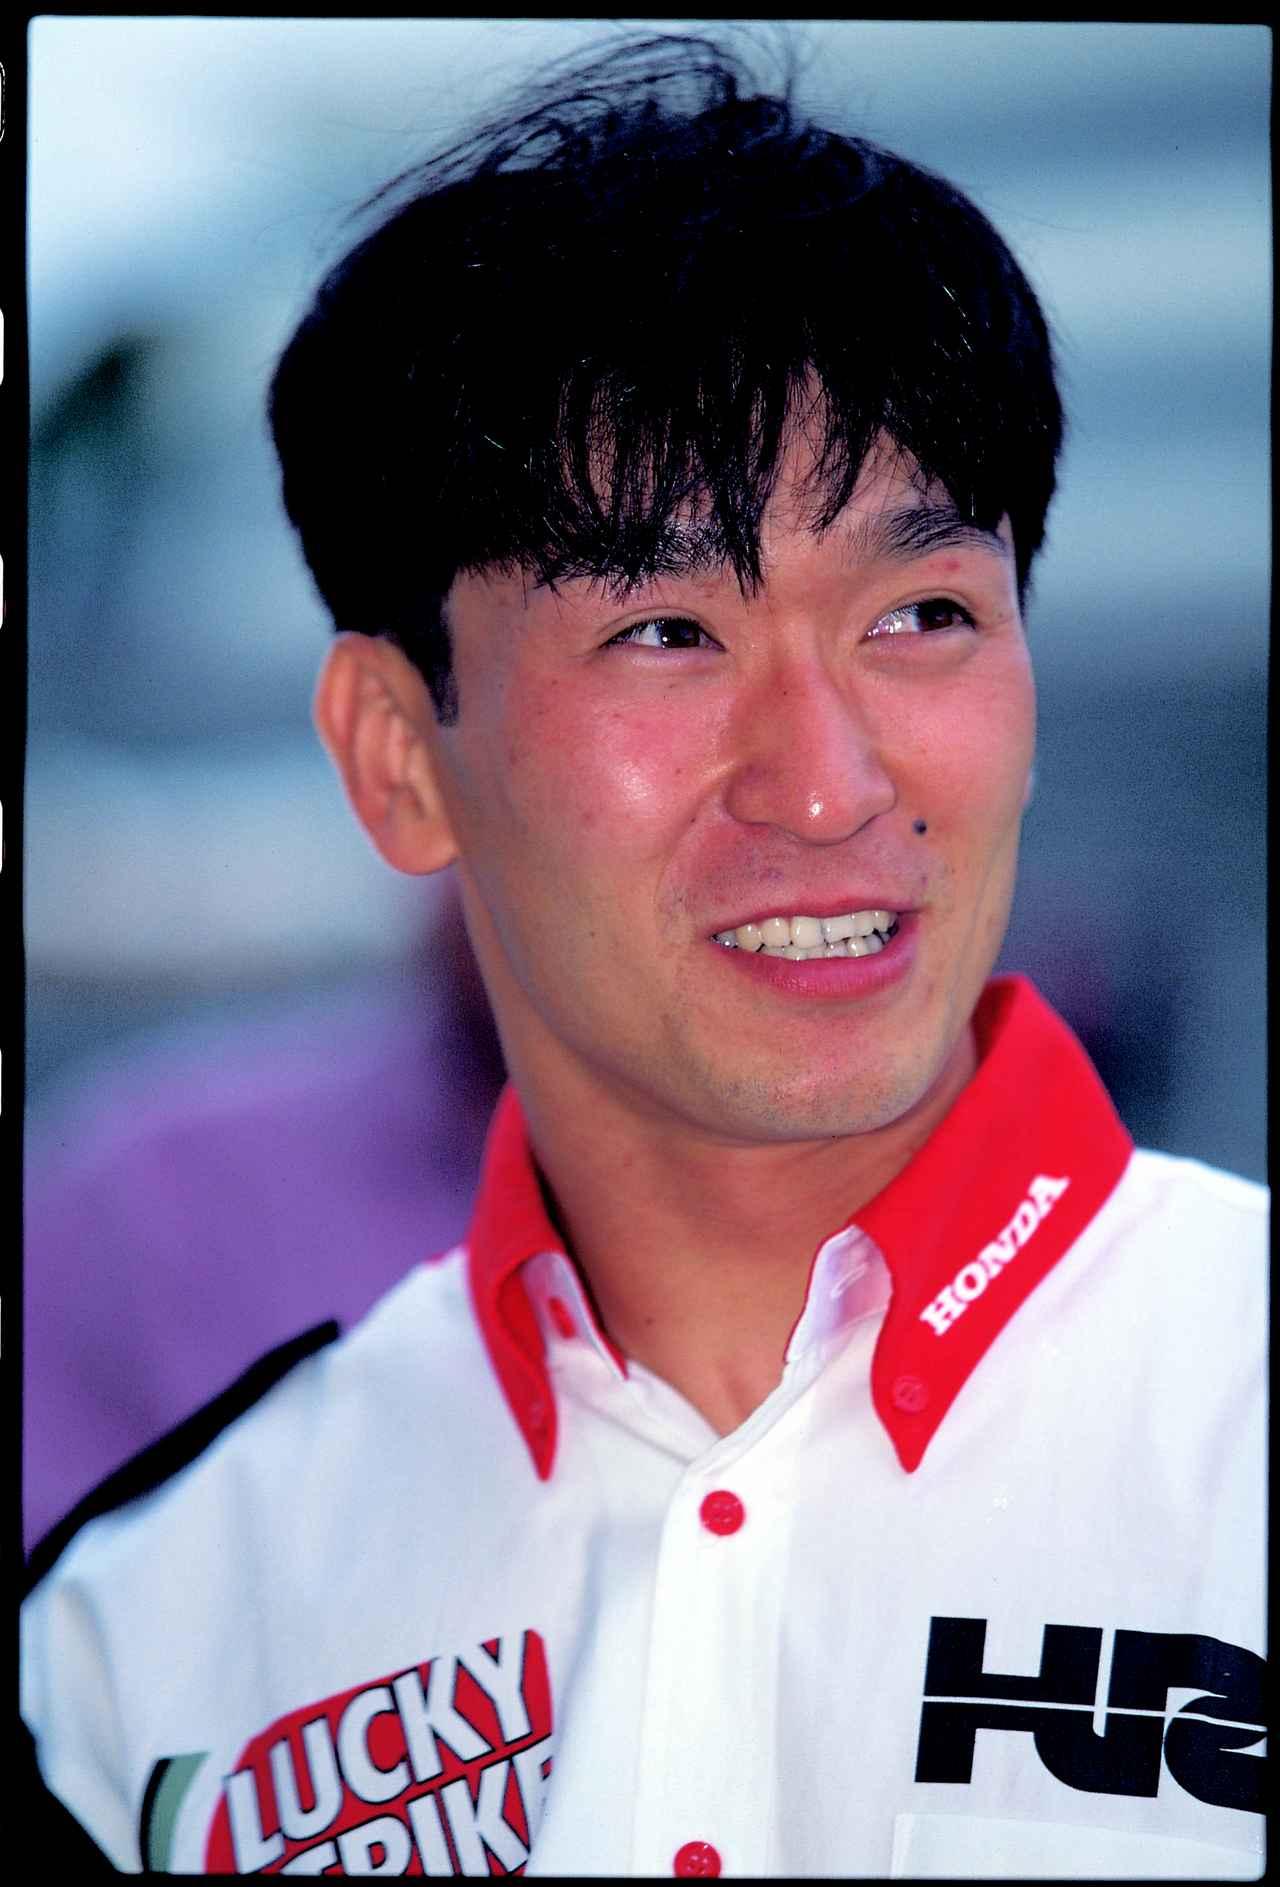 画像: 1998年、伊藤真一とラッキーストライクホンダのRVF/RC45に乗った宇川は、序盤からレース展開をリード。ライバルたちのアタックを退け、見事2年連続同一ペア優勝を記録しました。 ©︎オートバイ/モーターマガジン社